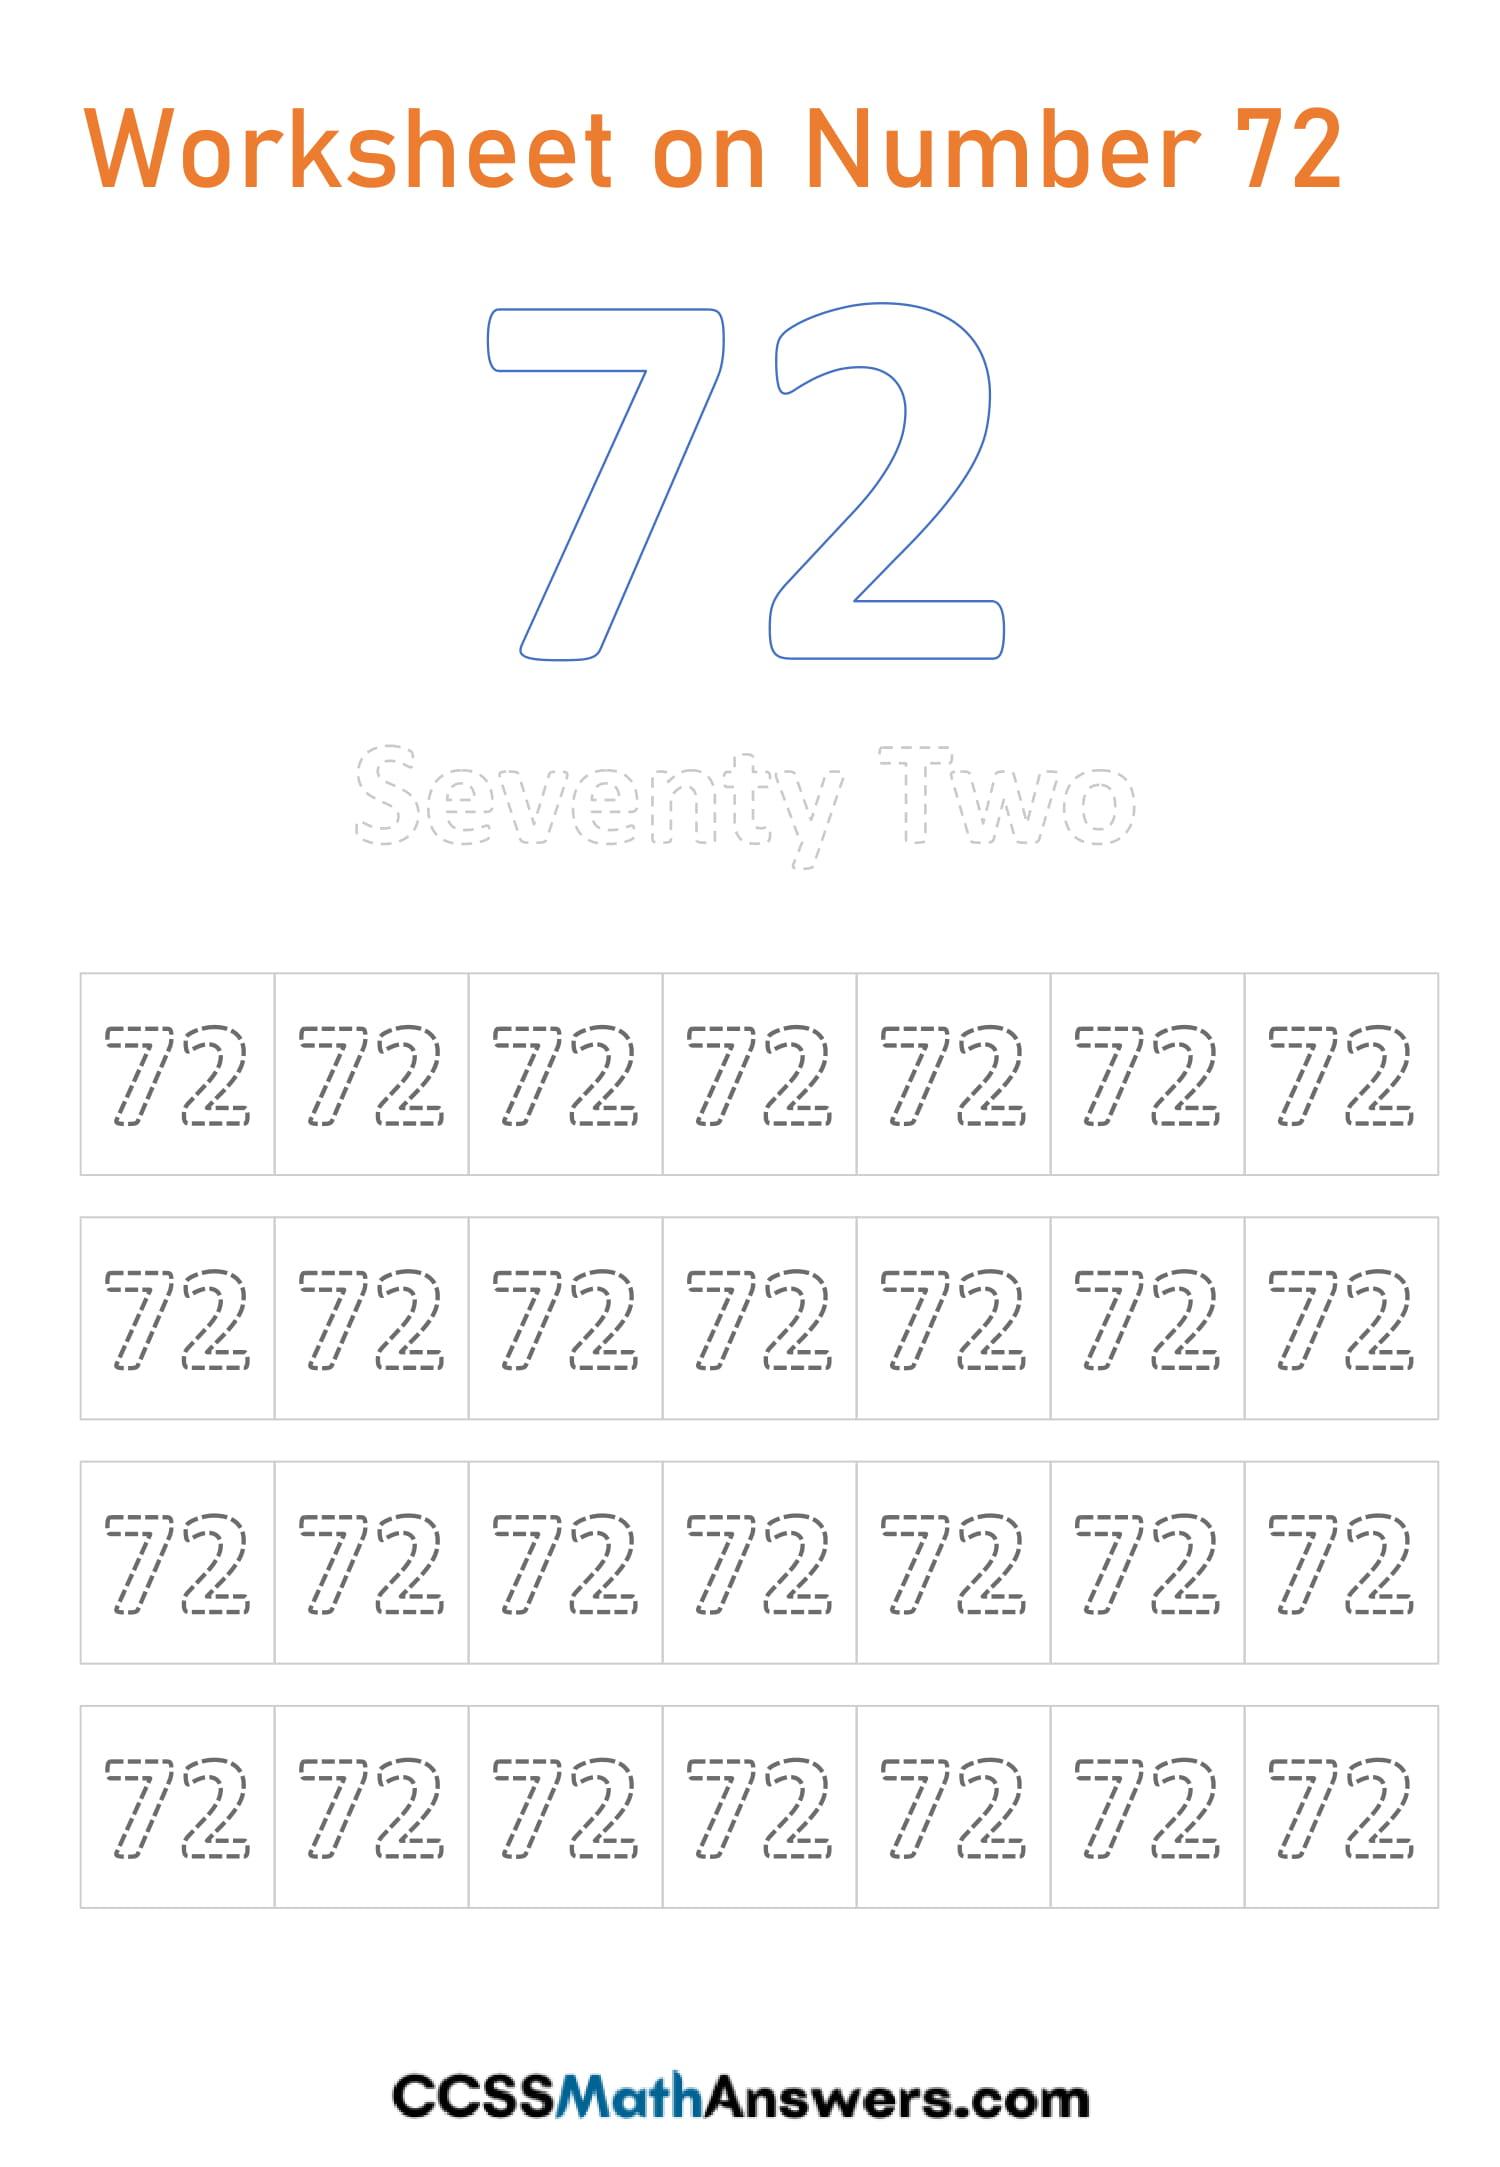 Number 72 Worksheet